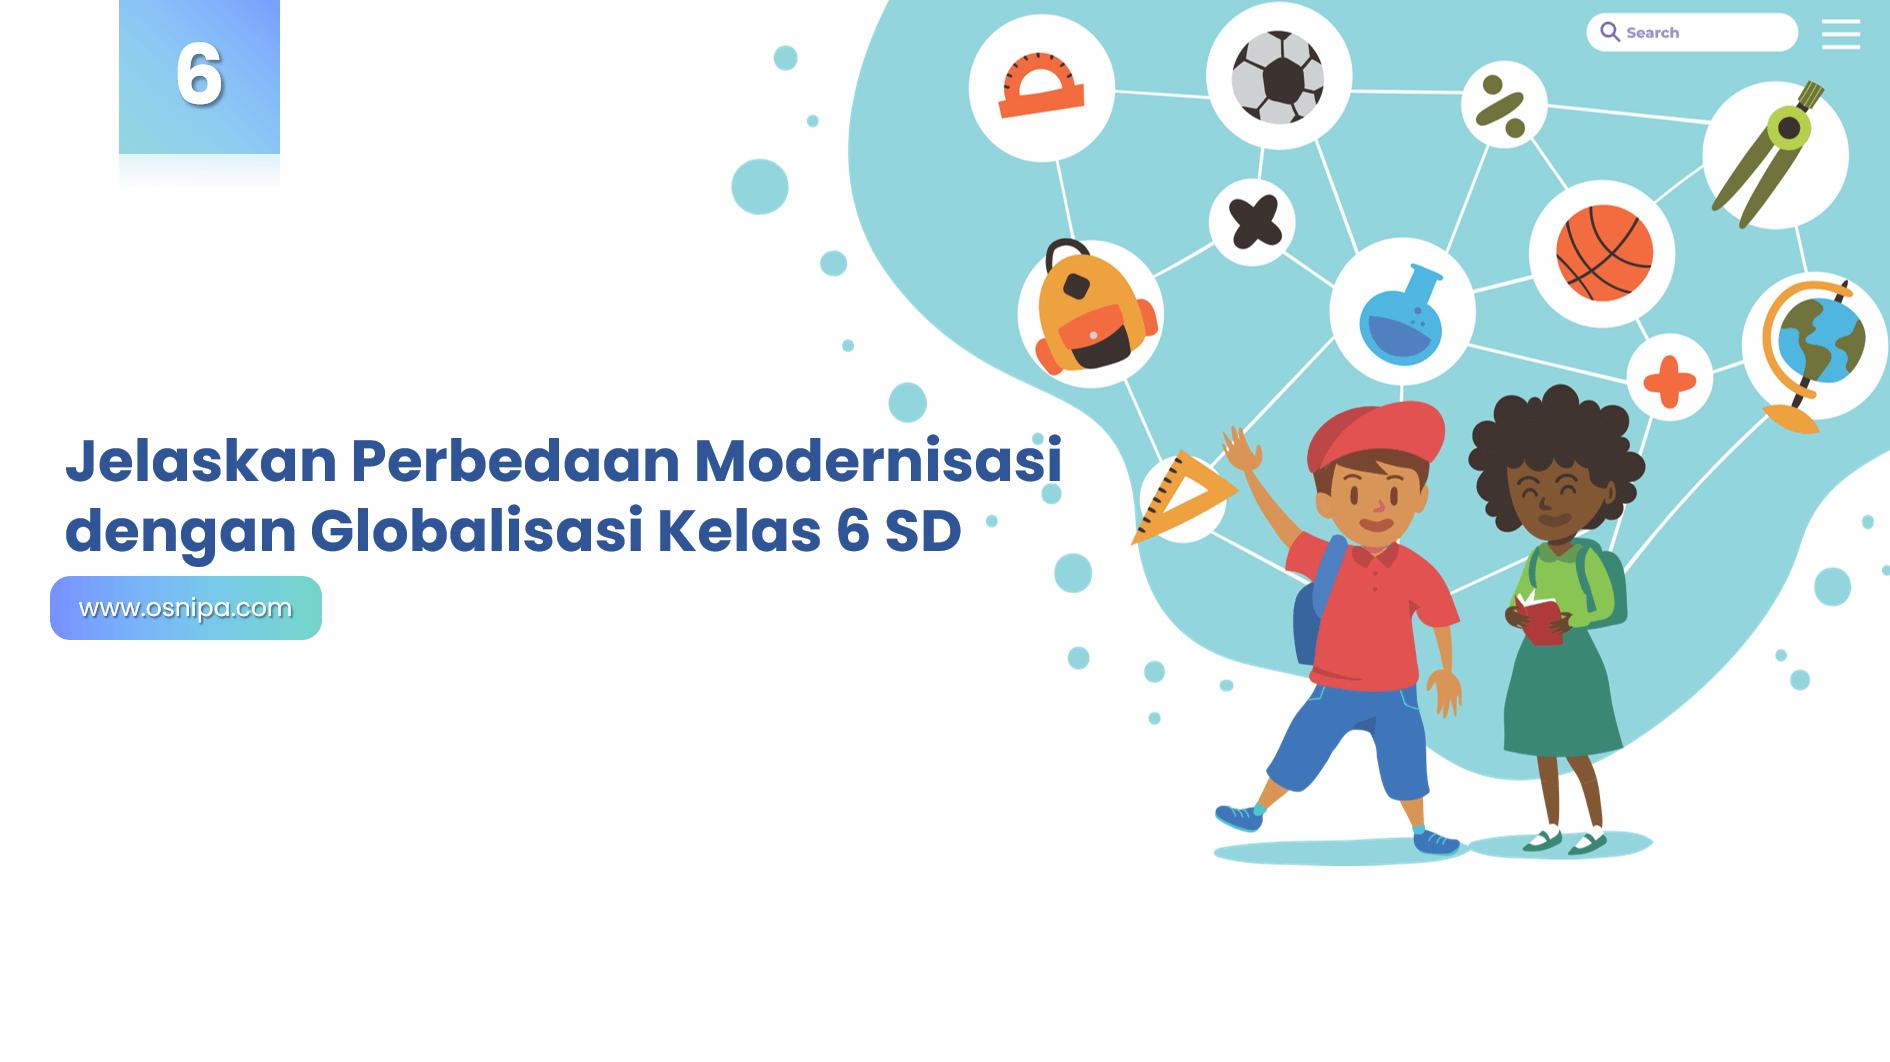 Jelaskan Perbedaan Modernisasi dengan Globalisasi Kelas 6 SD